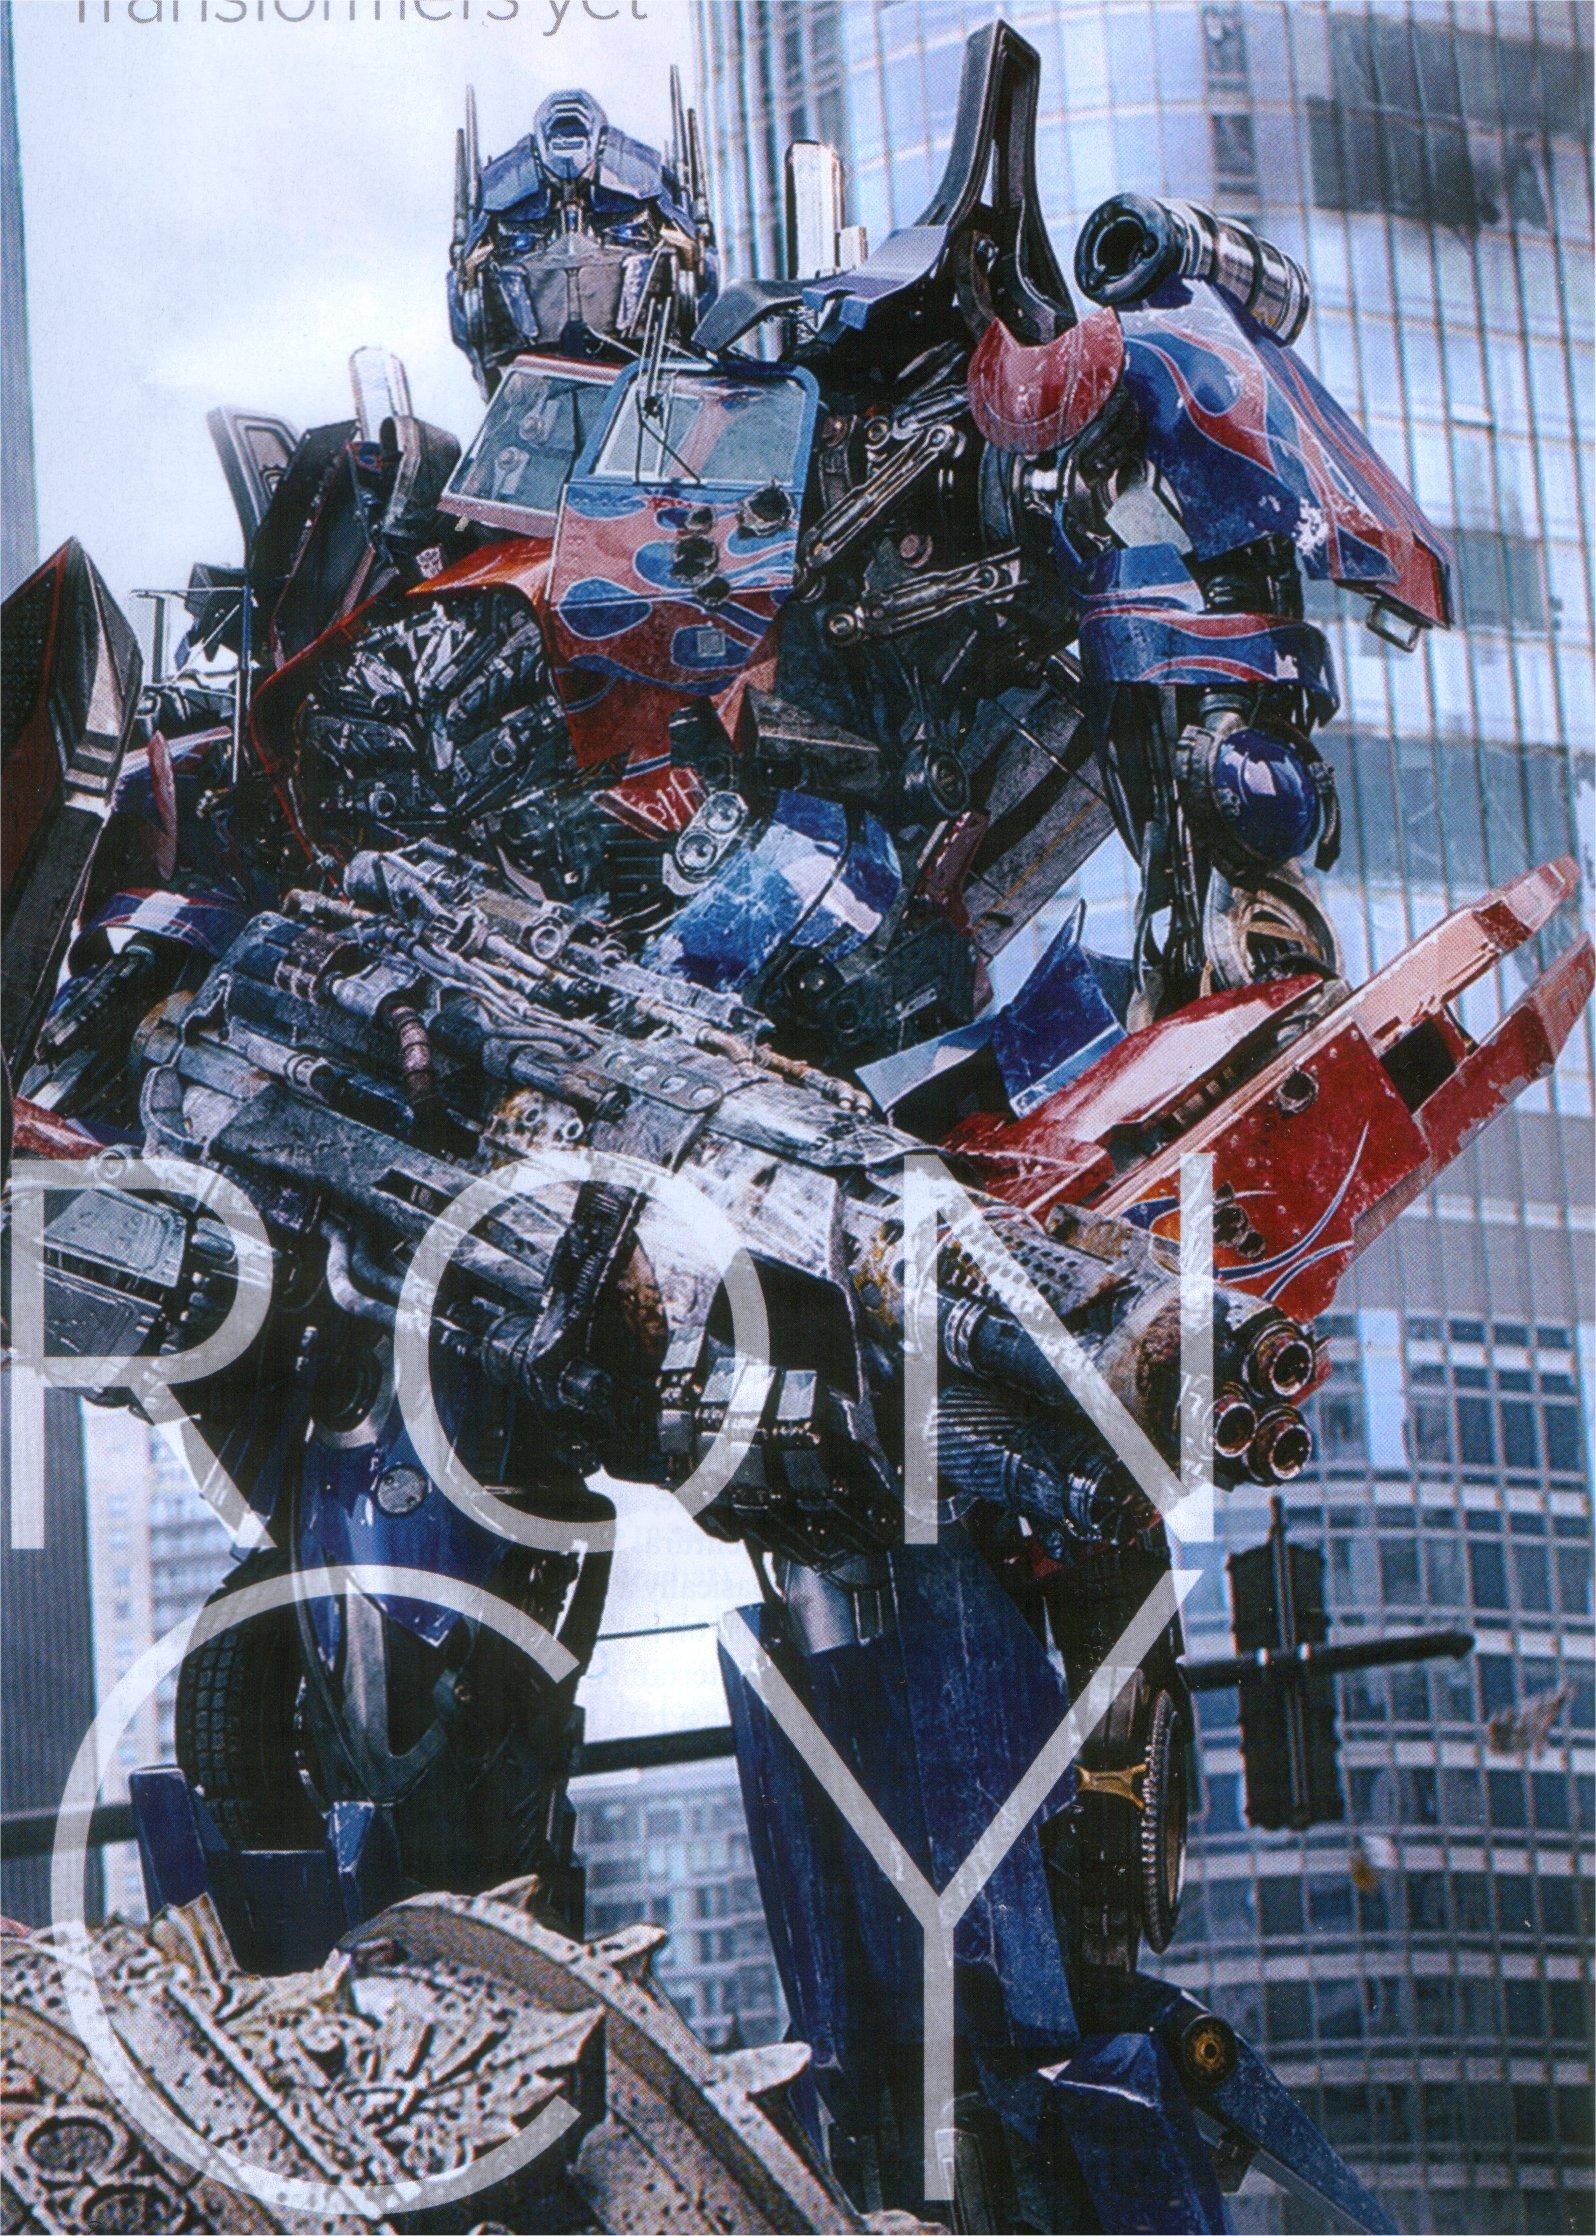 Empire Magazine Features Sentinel Prime And Optimus Prime ...